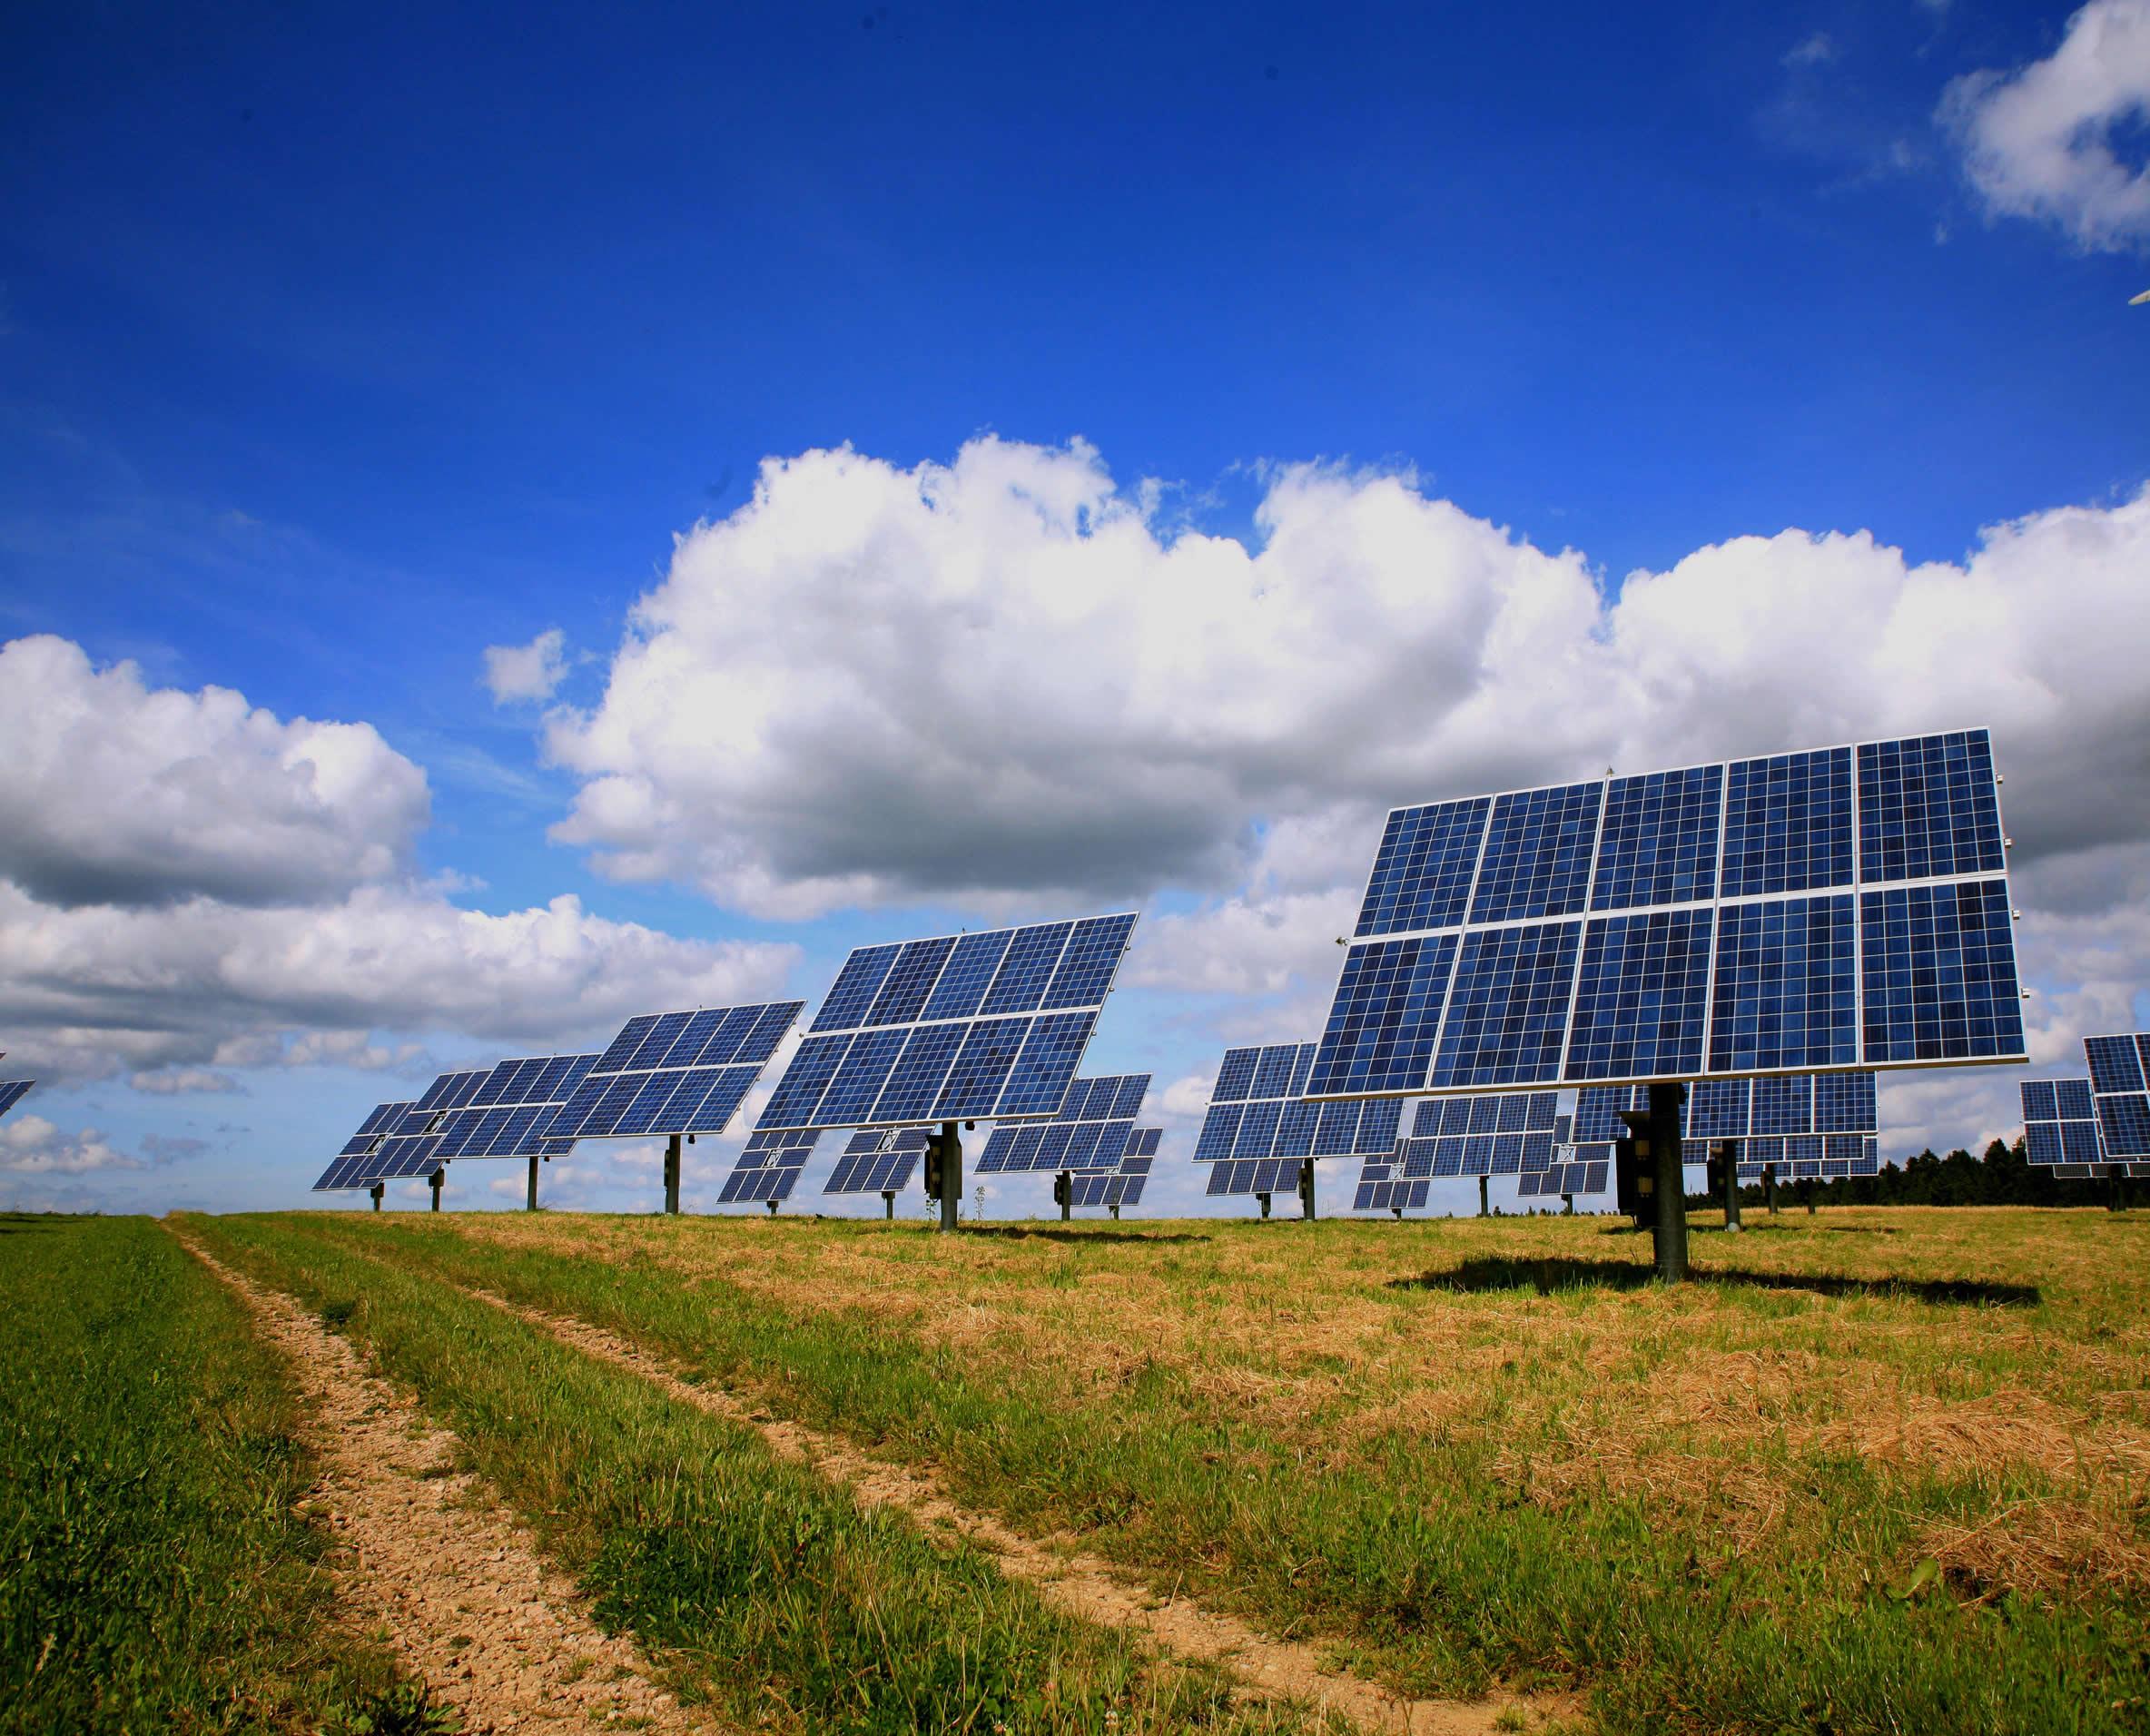 浙江上半年光伏发电成为省内第二大电源